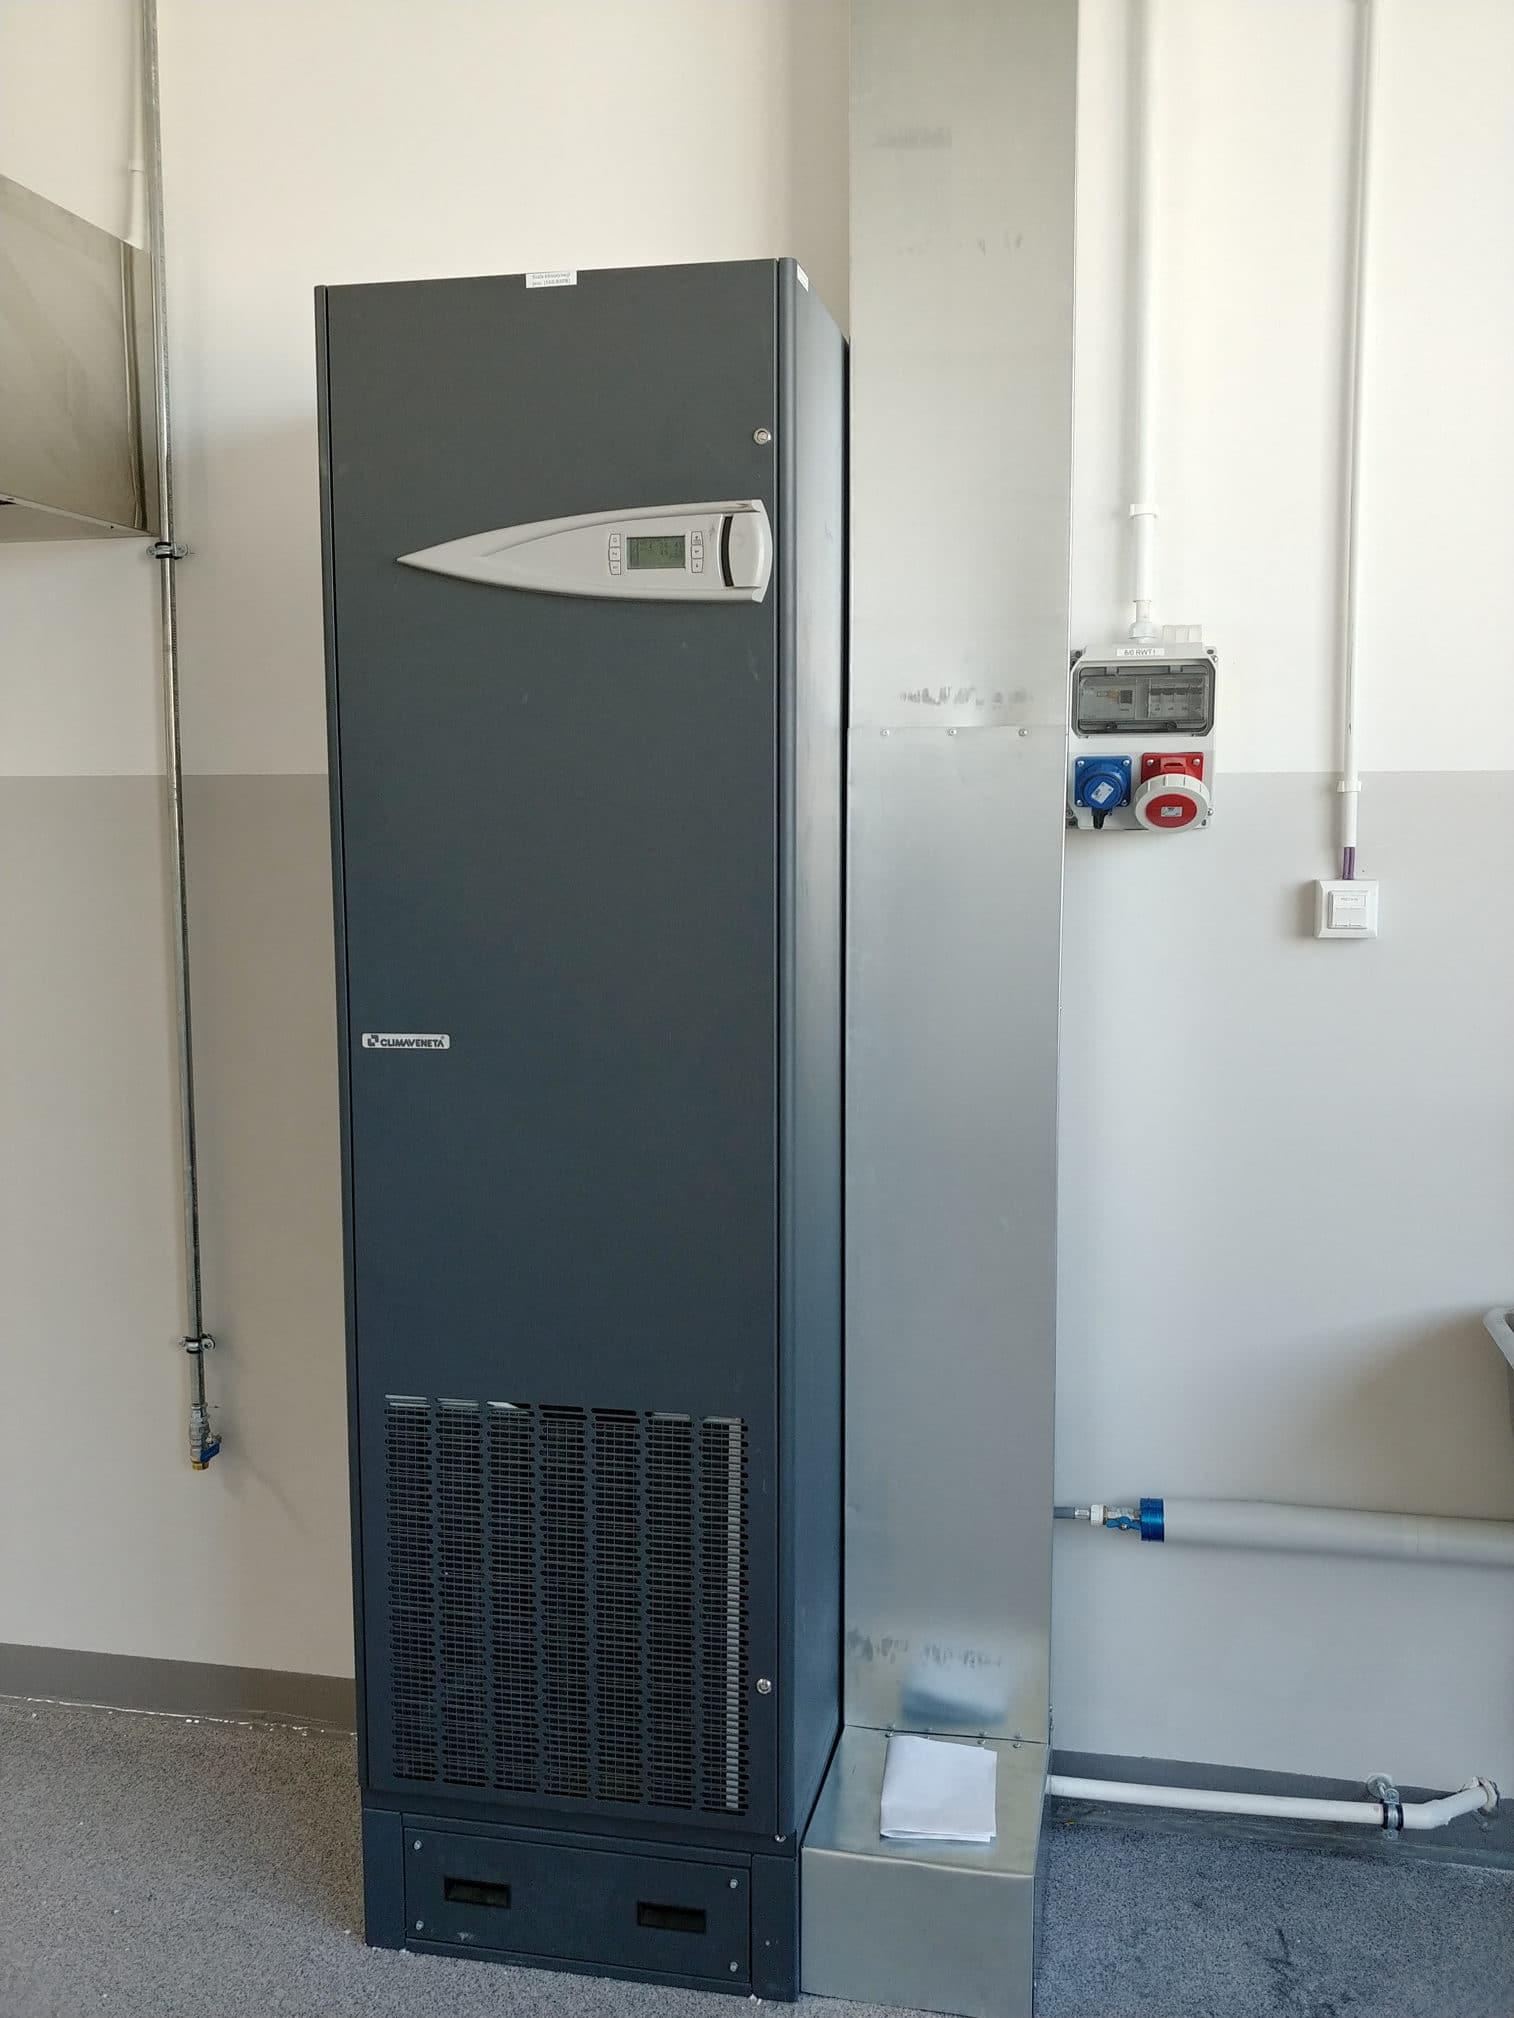 Młodzieńczy Klimatyzacja w serwerowniach – Klimart – klimatyzacja i wentylacja FA82